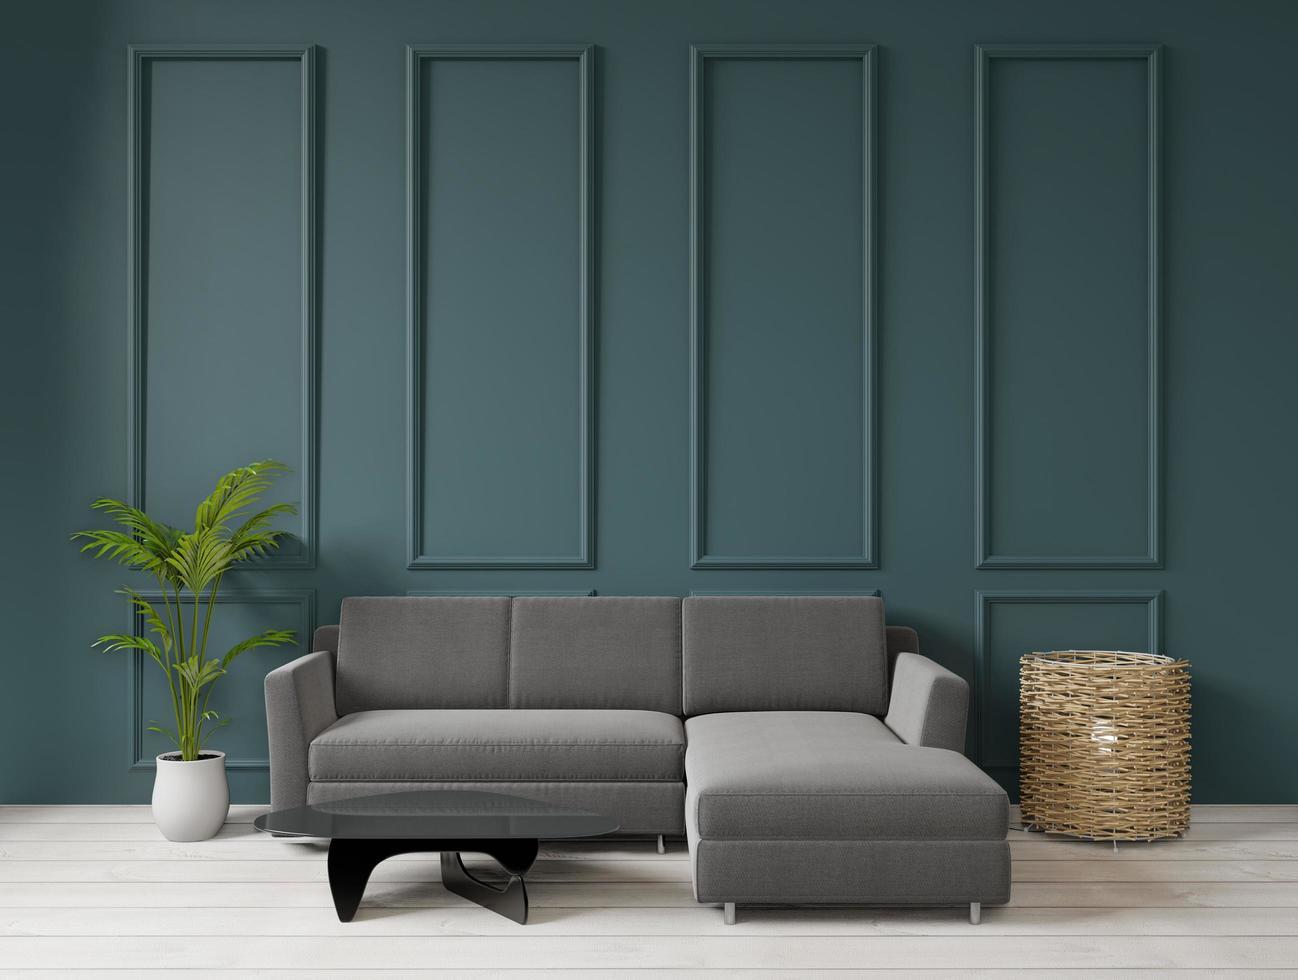 sala de estar estilo art deco, representación 3d foto